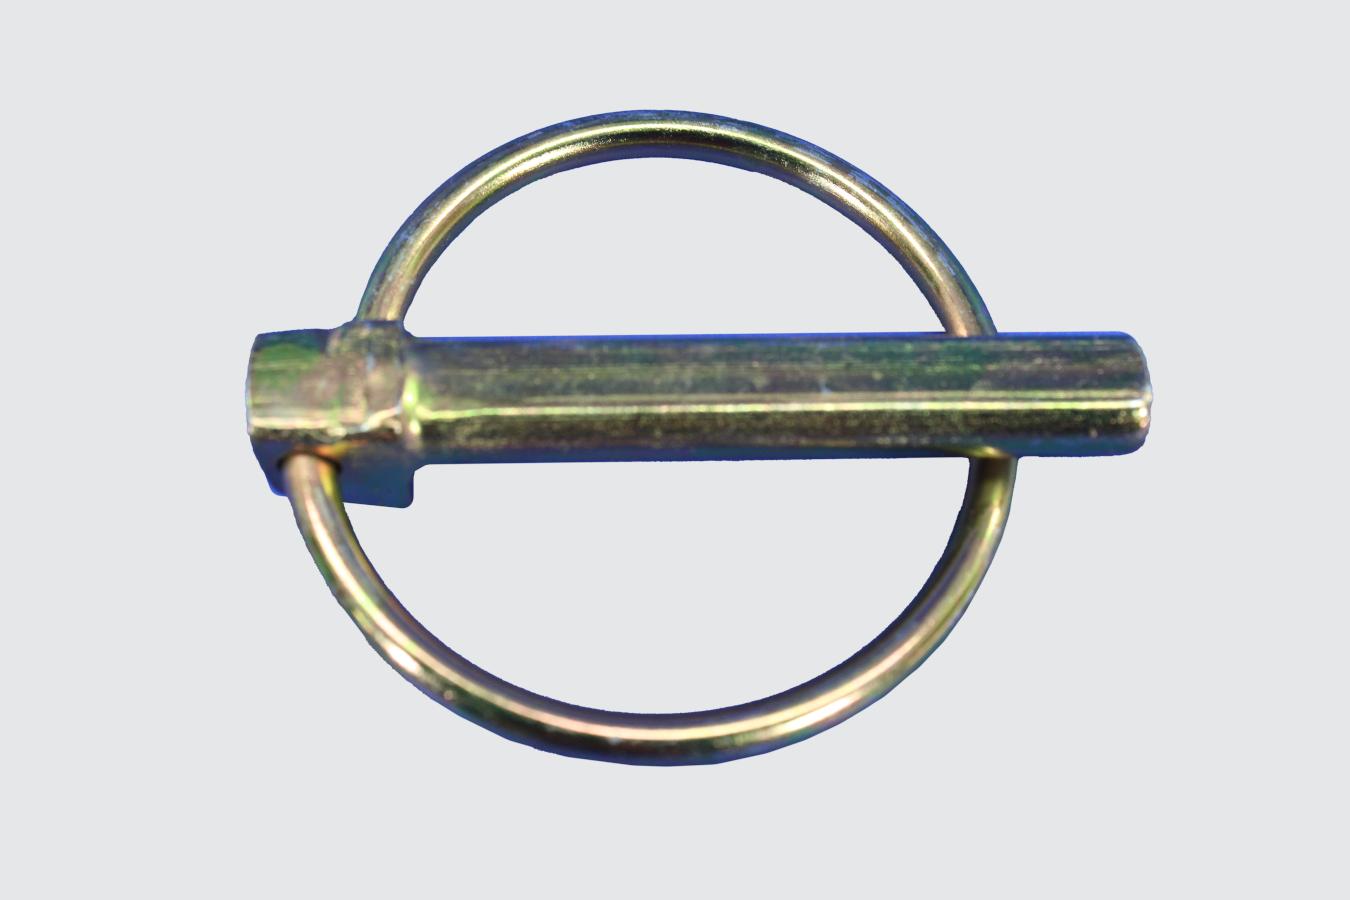 36794170-PIN, .31 INCH LYNCH